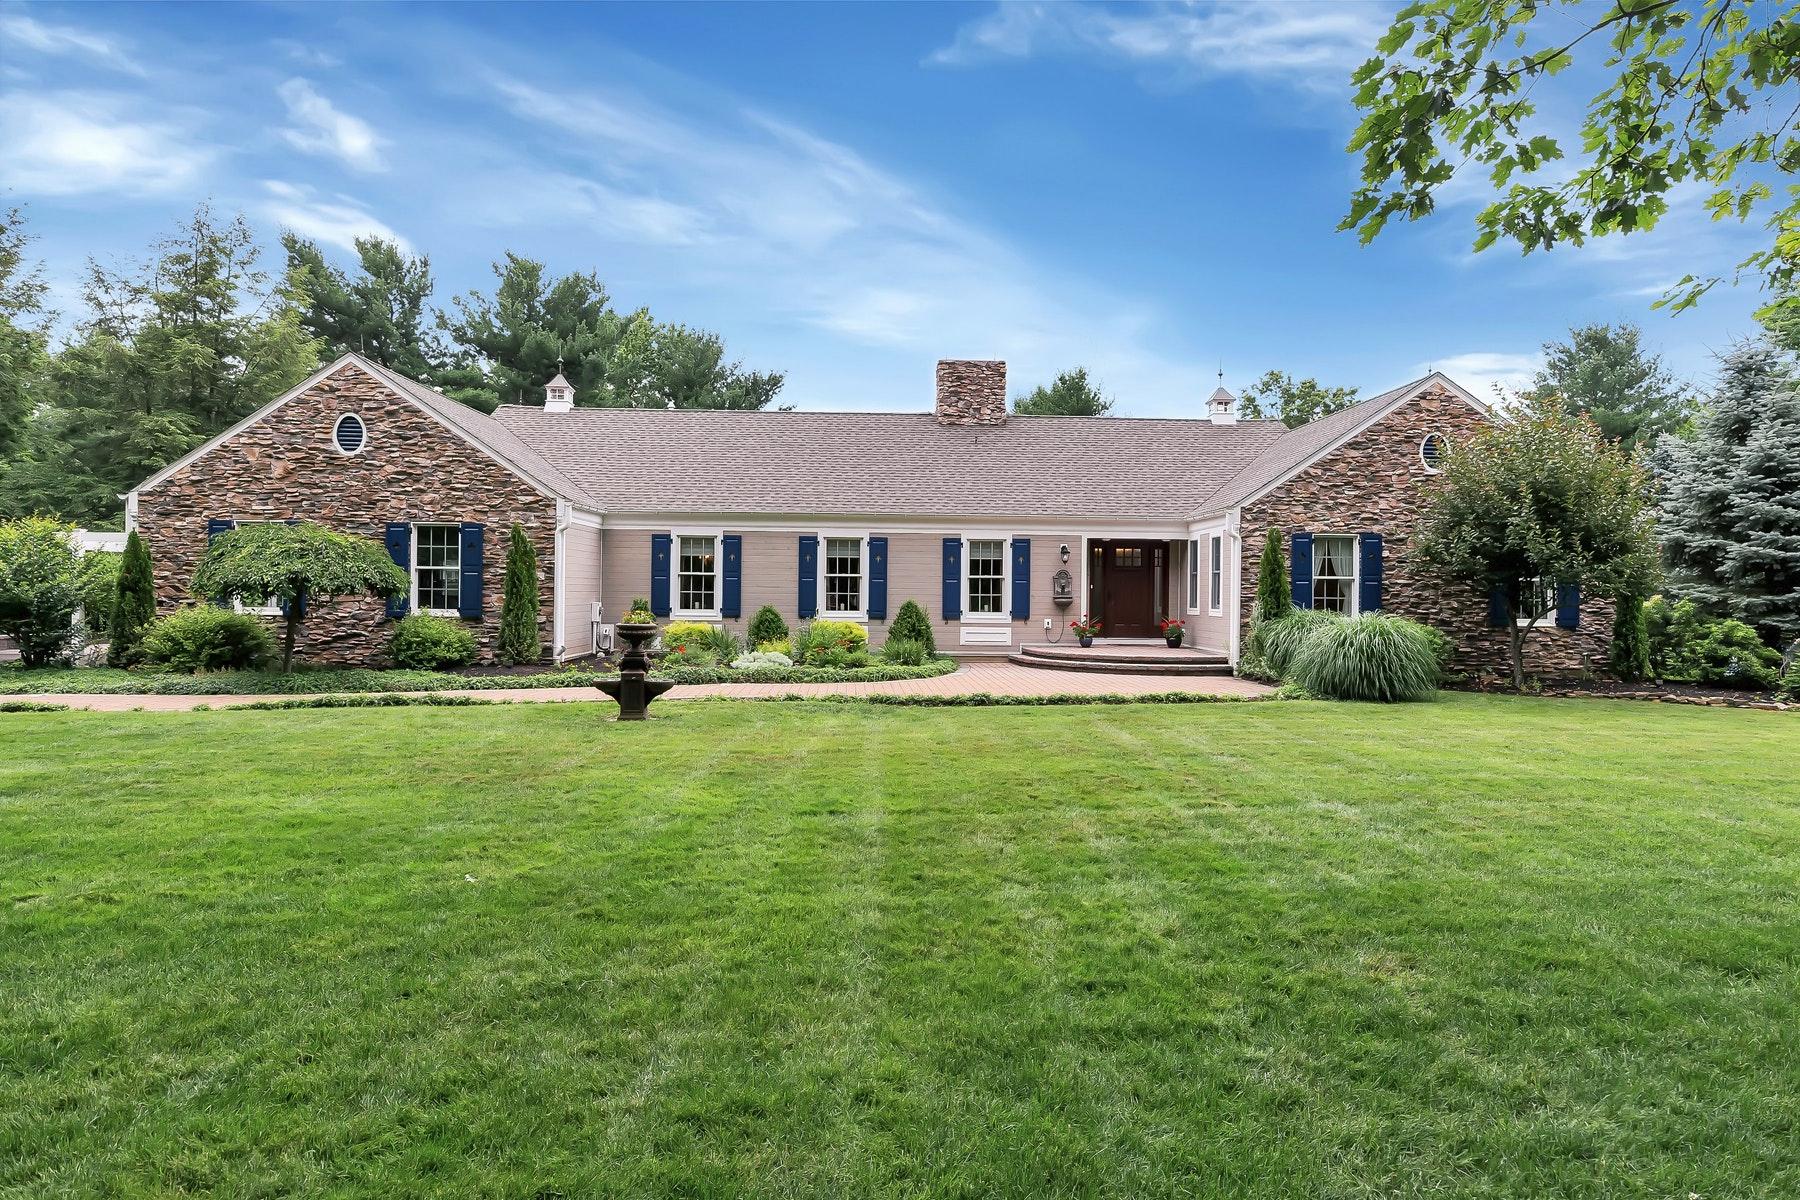 Частный односемейный дом для того Продажа на 8 Wellington Court Colts Neck, Нью-Джерси, 07722 Соединенные Штаты